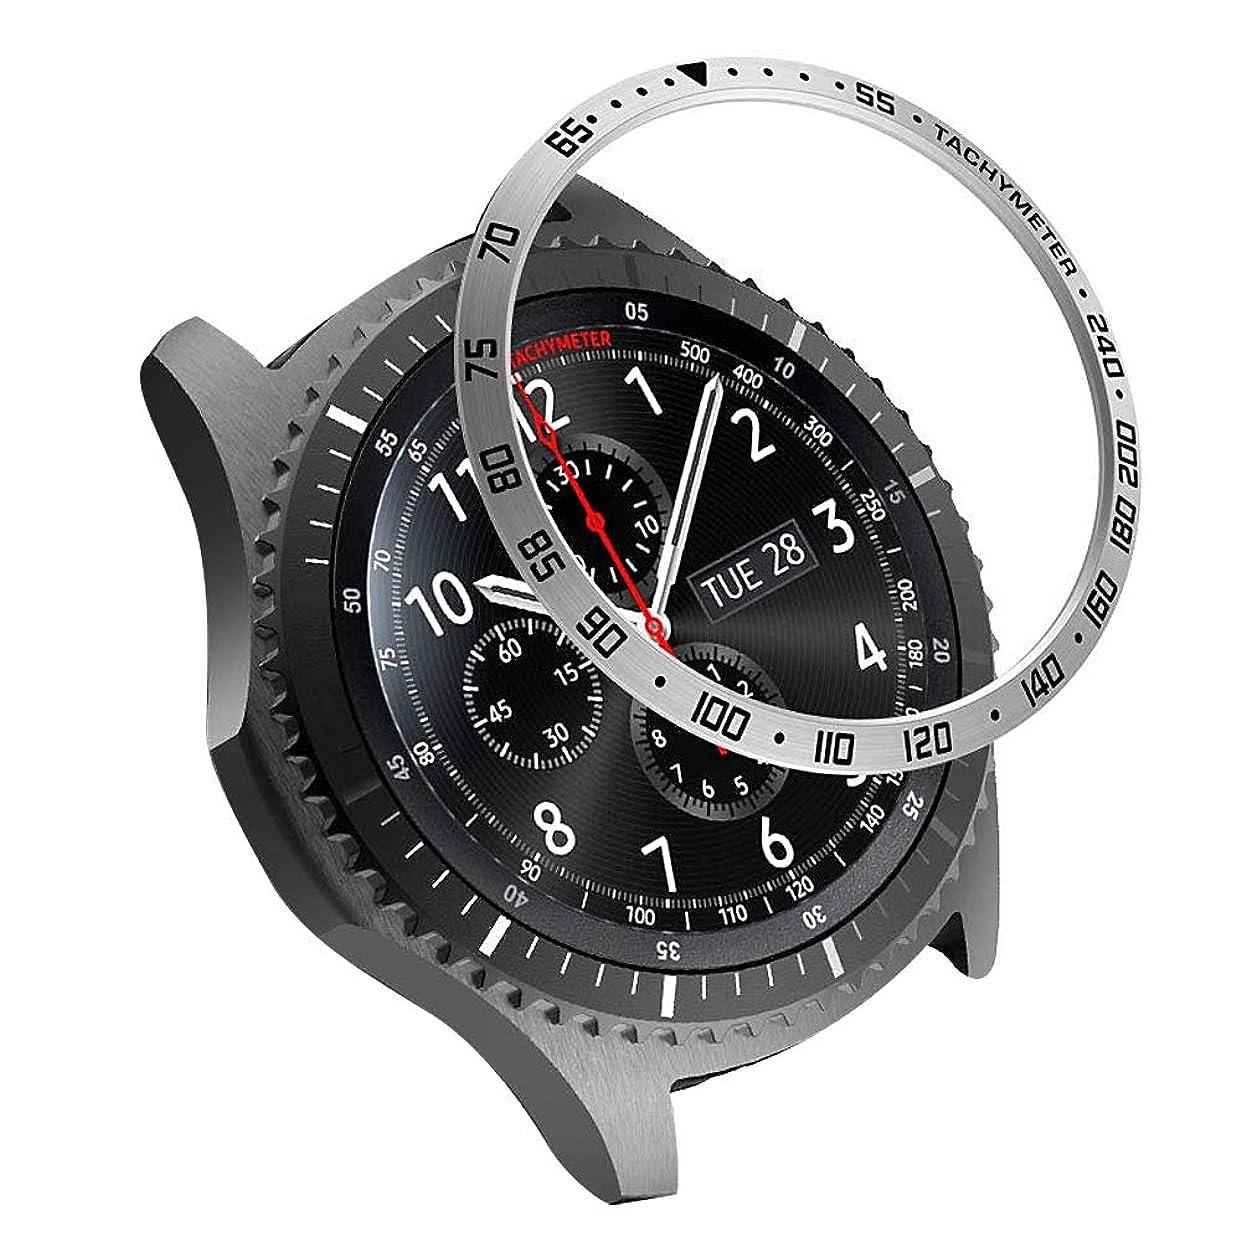 すり四分円救援Movone for Samsung Galaxy Watch 46mm &Galaxy Gear S3 ベゼルリング ベゼルカバー スタイルリング リング飾り アンチリング 傷防止ベゼル ステンレス製 金属感 Galaxy Watch リング Galaxy Watch 46mm/Gear S3用(数字46mm/シルバー)